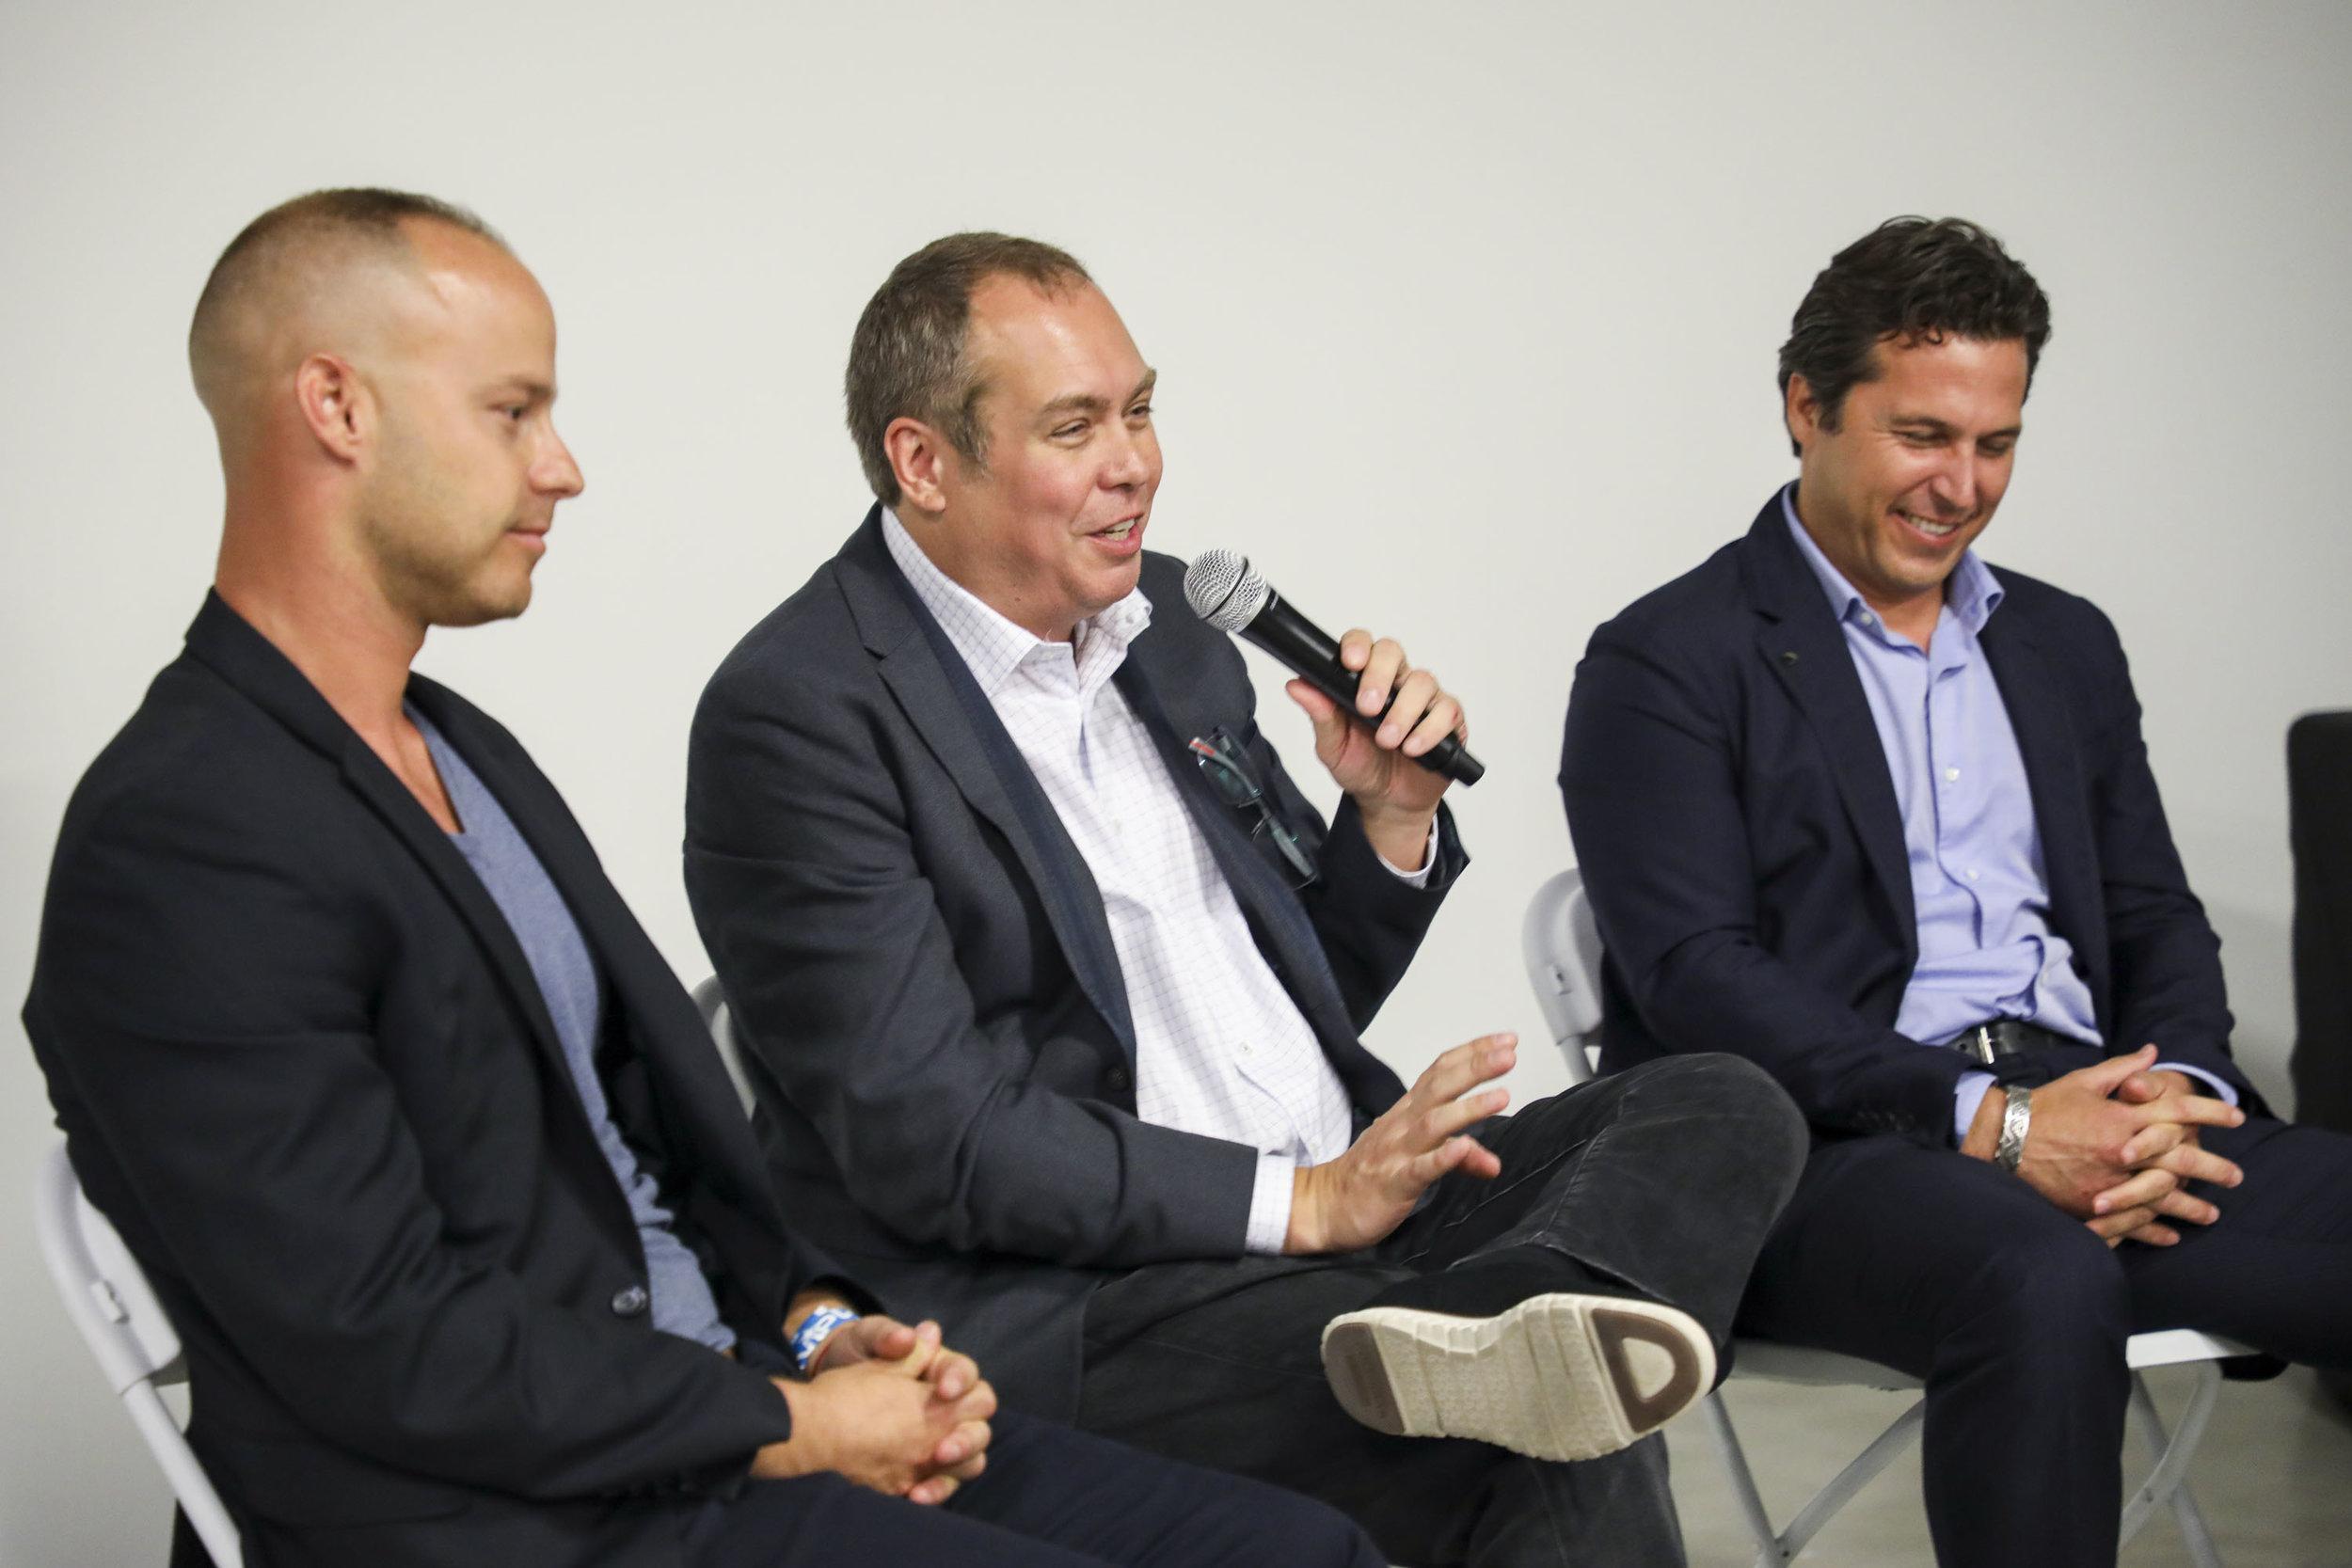 Jeremy Waks, Jon Cardello and Martin Pinilla.